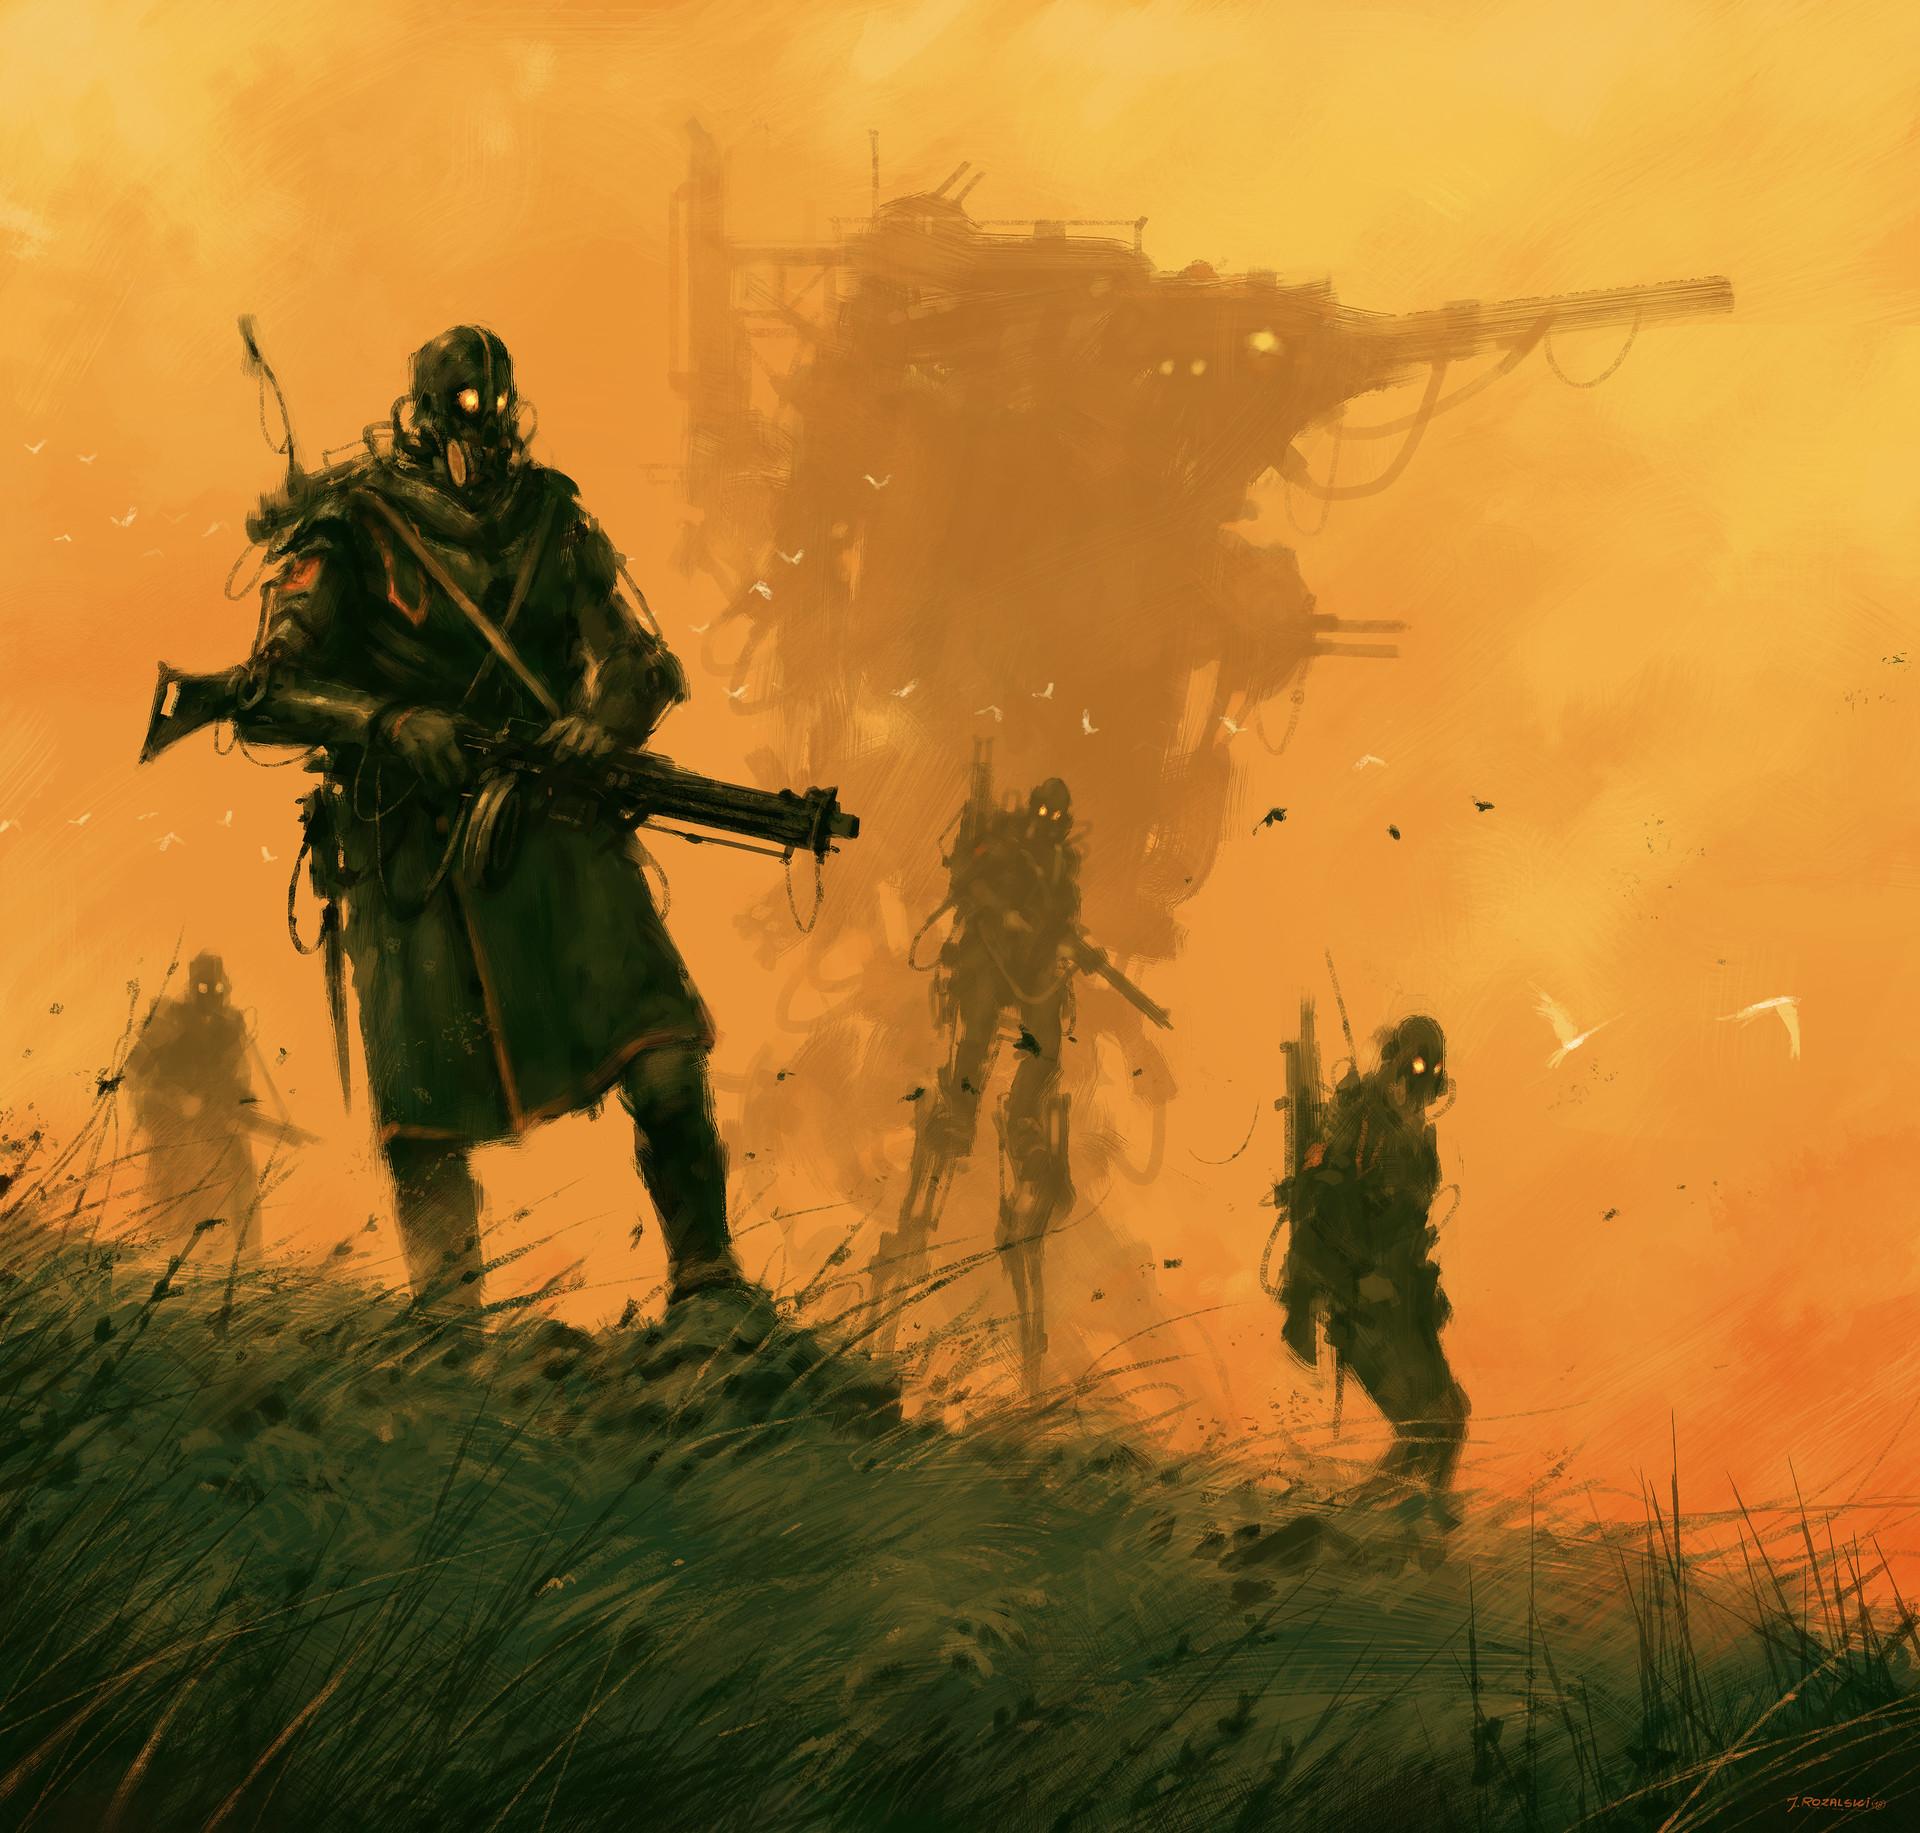 Jakub rozalski combat fenris 12012018s